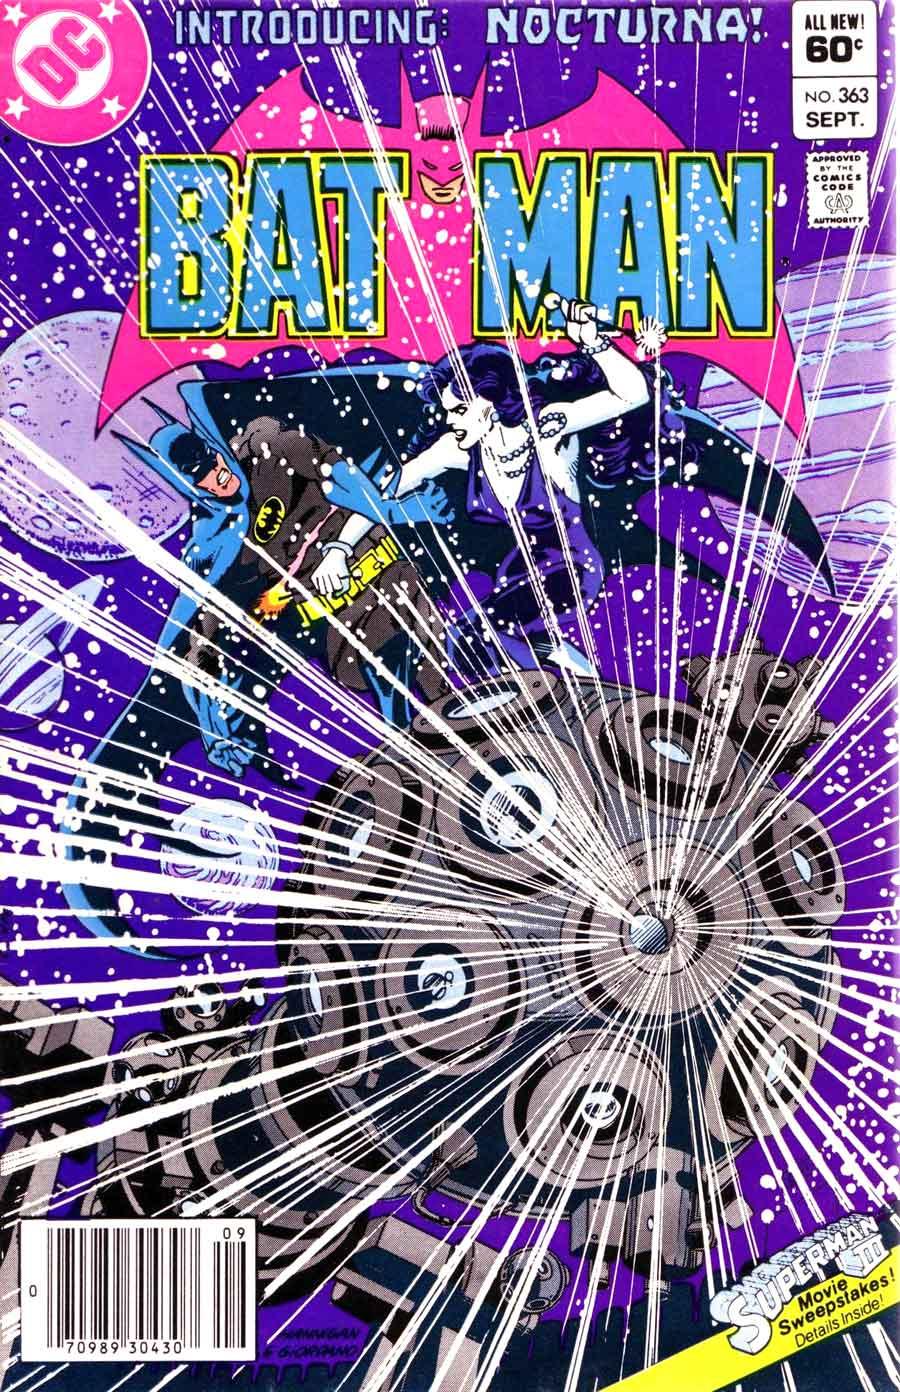 Batman #363 dc 1st nocturna 1980s comic book cover